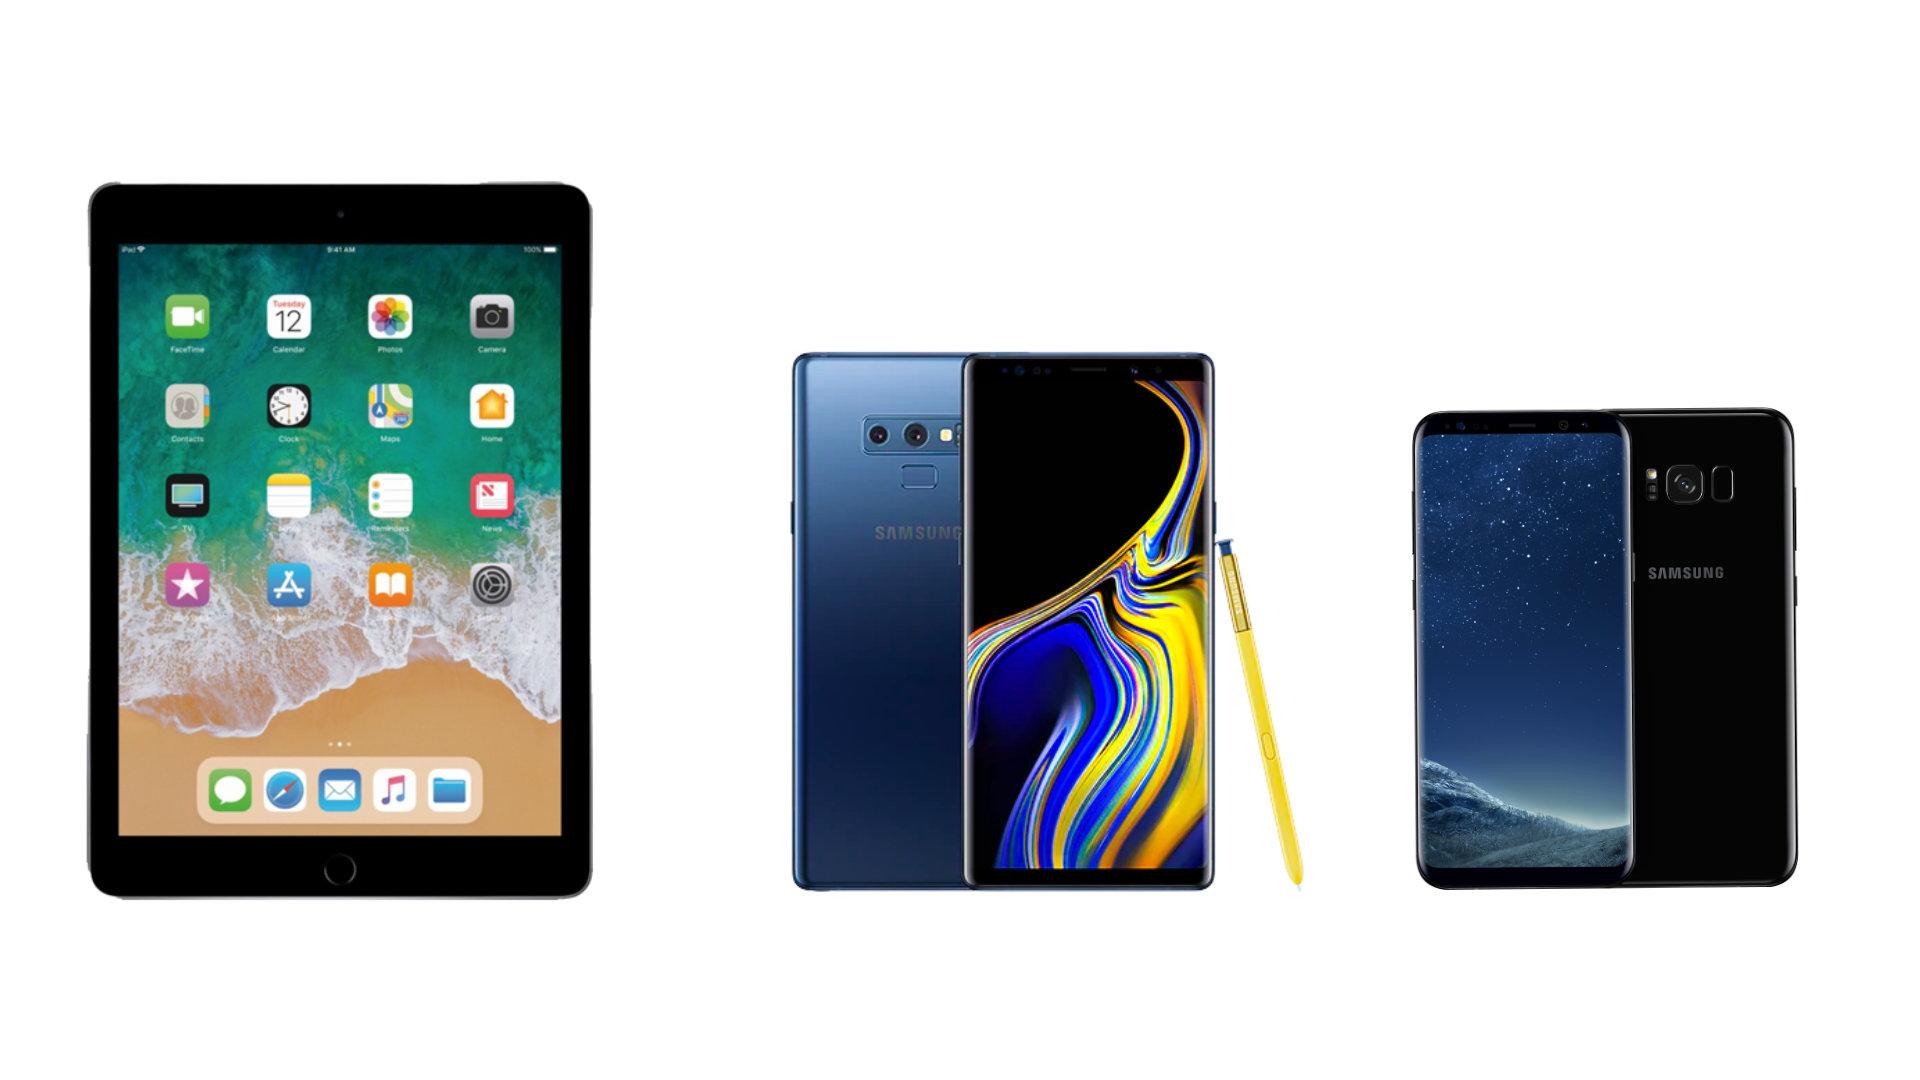 Ipad 2018 à 279 Euros Samsung Galaxy Note 9 à 589 Euros Et Galaxy